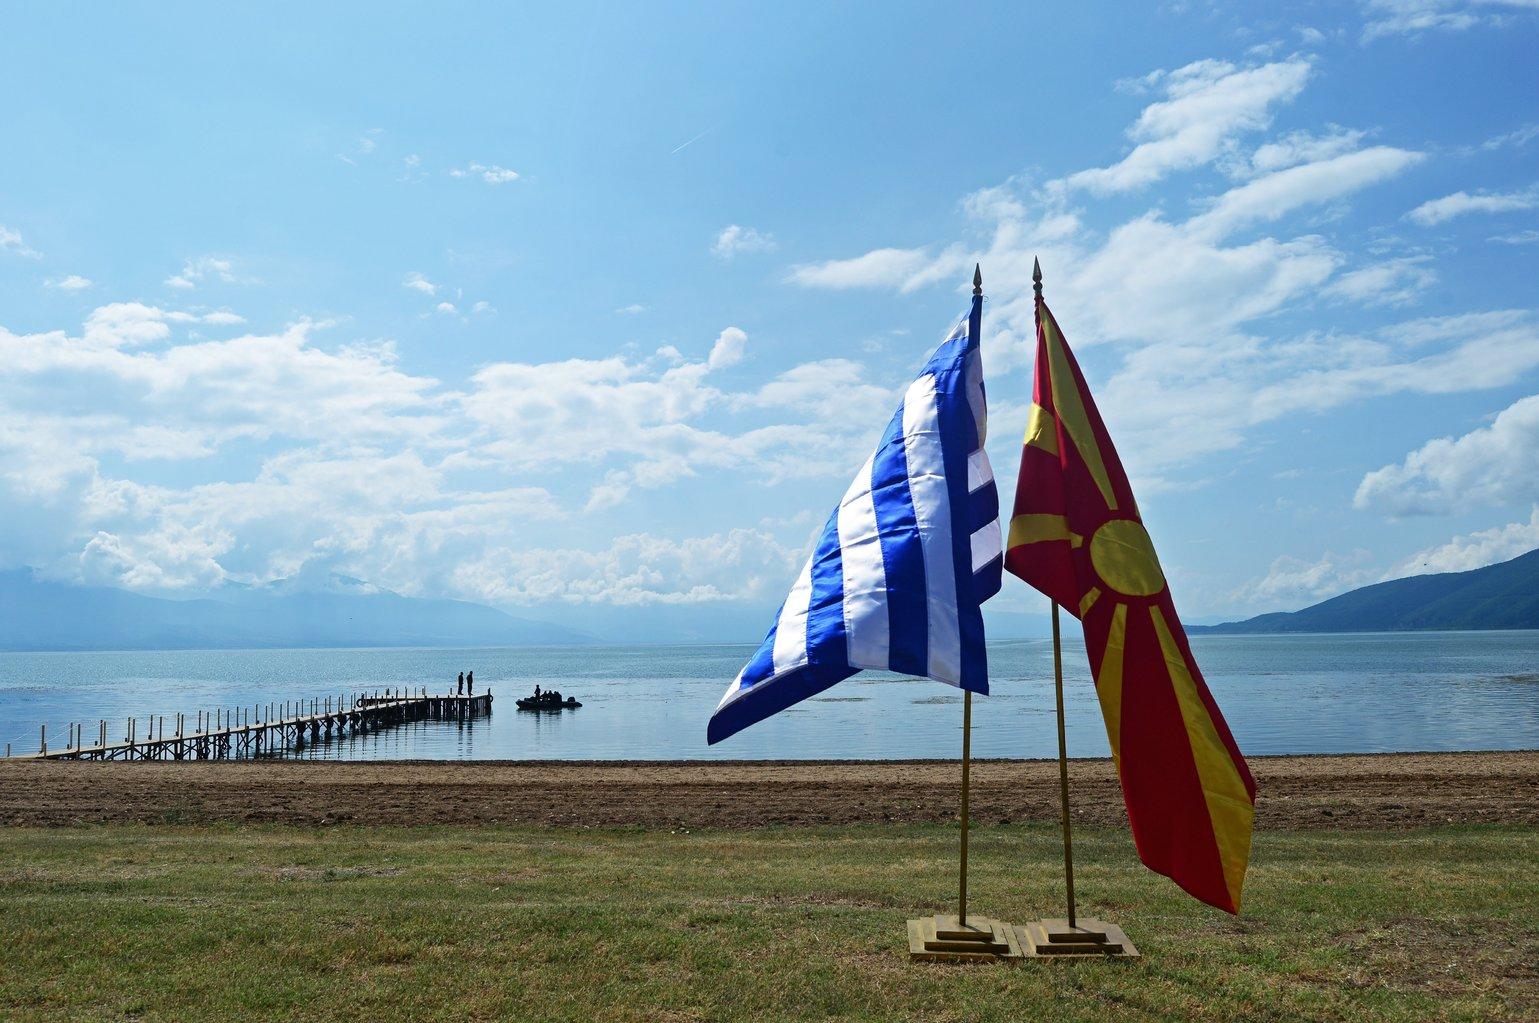 A görög (b) és a macedón zászló a Preszpa-tó partján, a macedóniai Oteszovo közelében 2018. június 17-én. A macedón és a görög külügyminiszter aláírta a Macedónia nevéről a két ország között kialakult vitát lezáró egyezményt a görög-macedón-albán hármas határ térségében, a Preszpa-tó görög oldalán fekvő Pszaradesz faluban 2018. június 17-én. (MTI/EPA/Nake Batev)